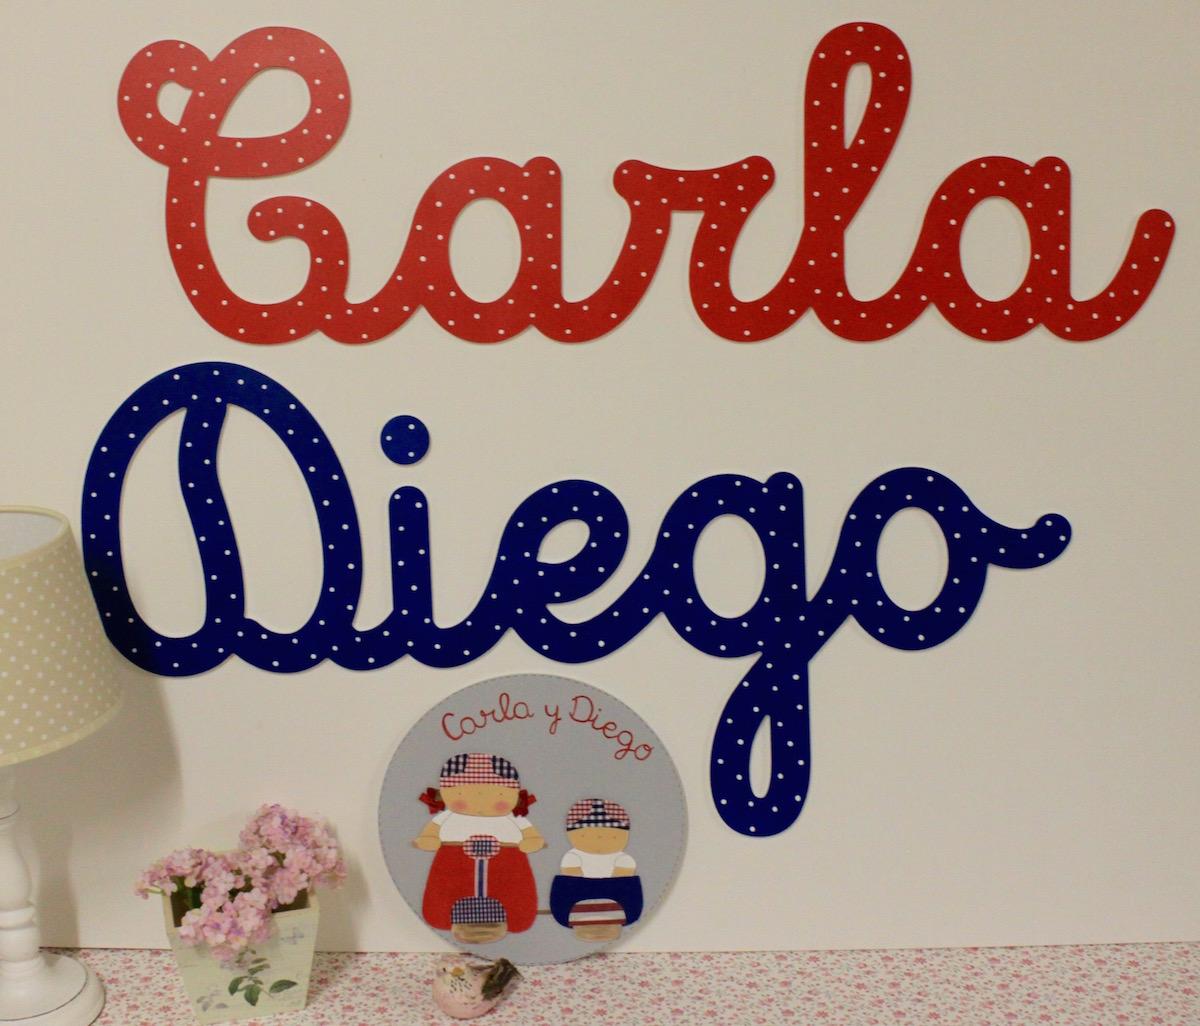 nombres en caligrafa y letras para decoracin infantil